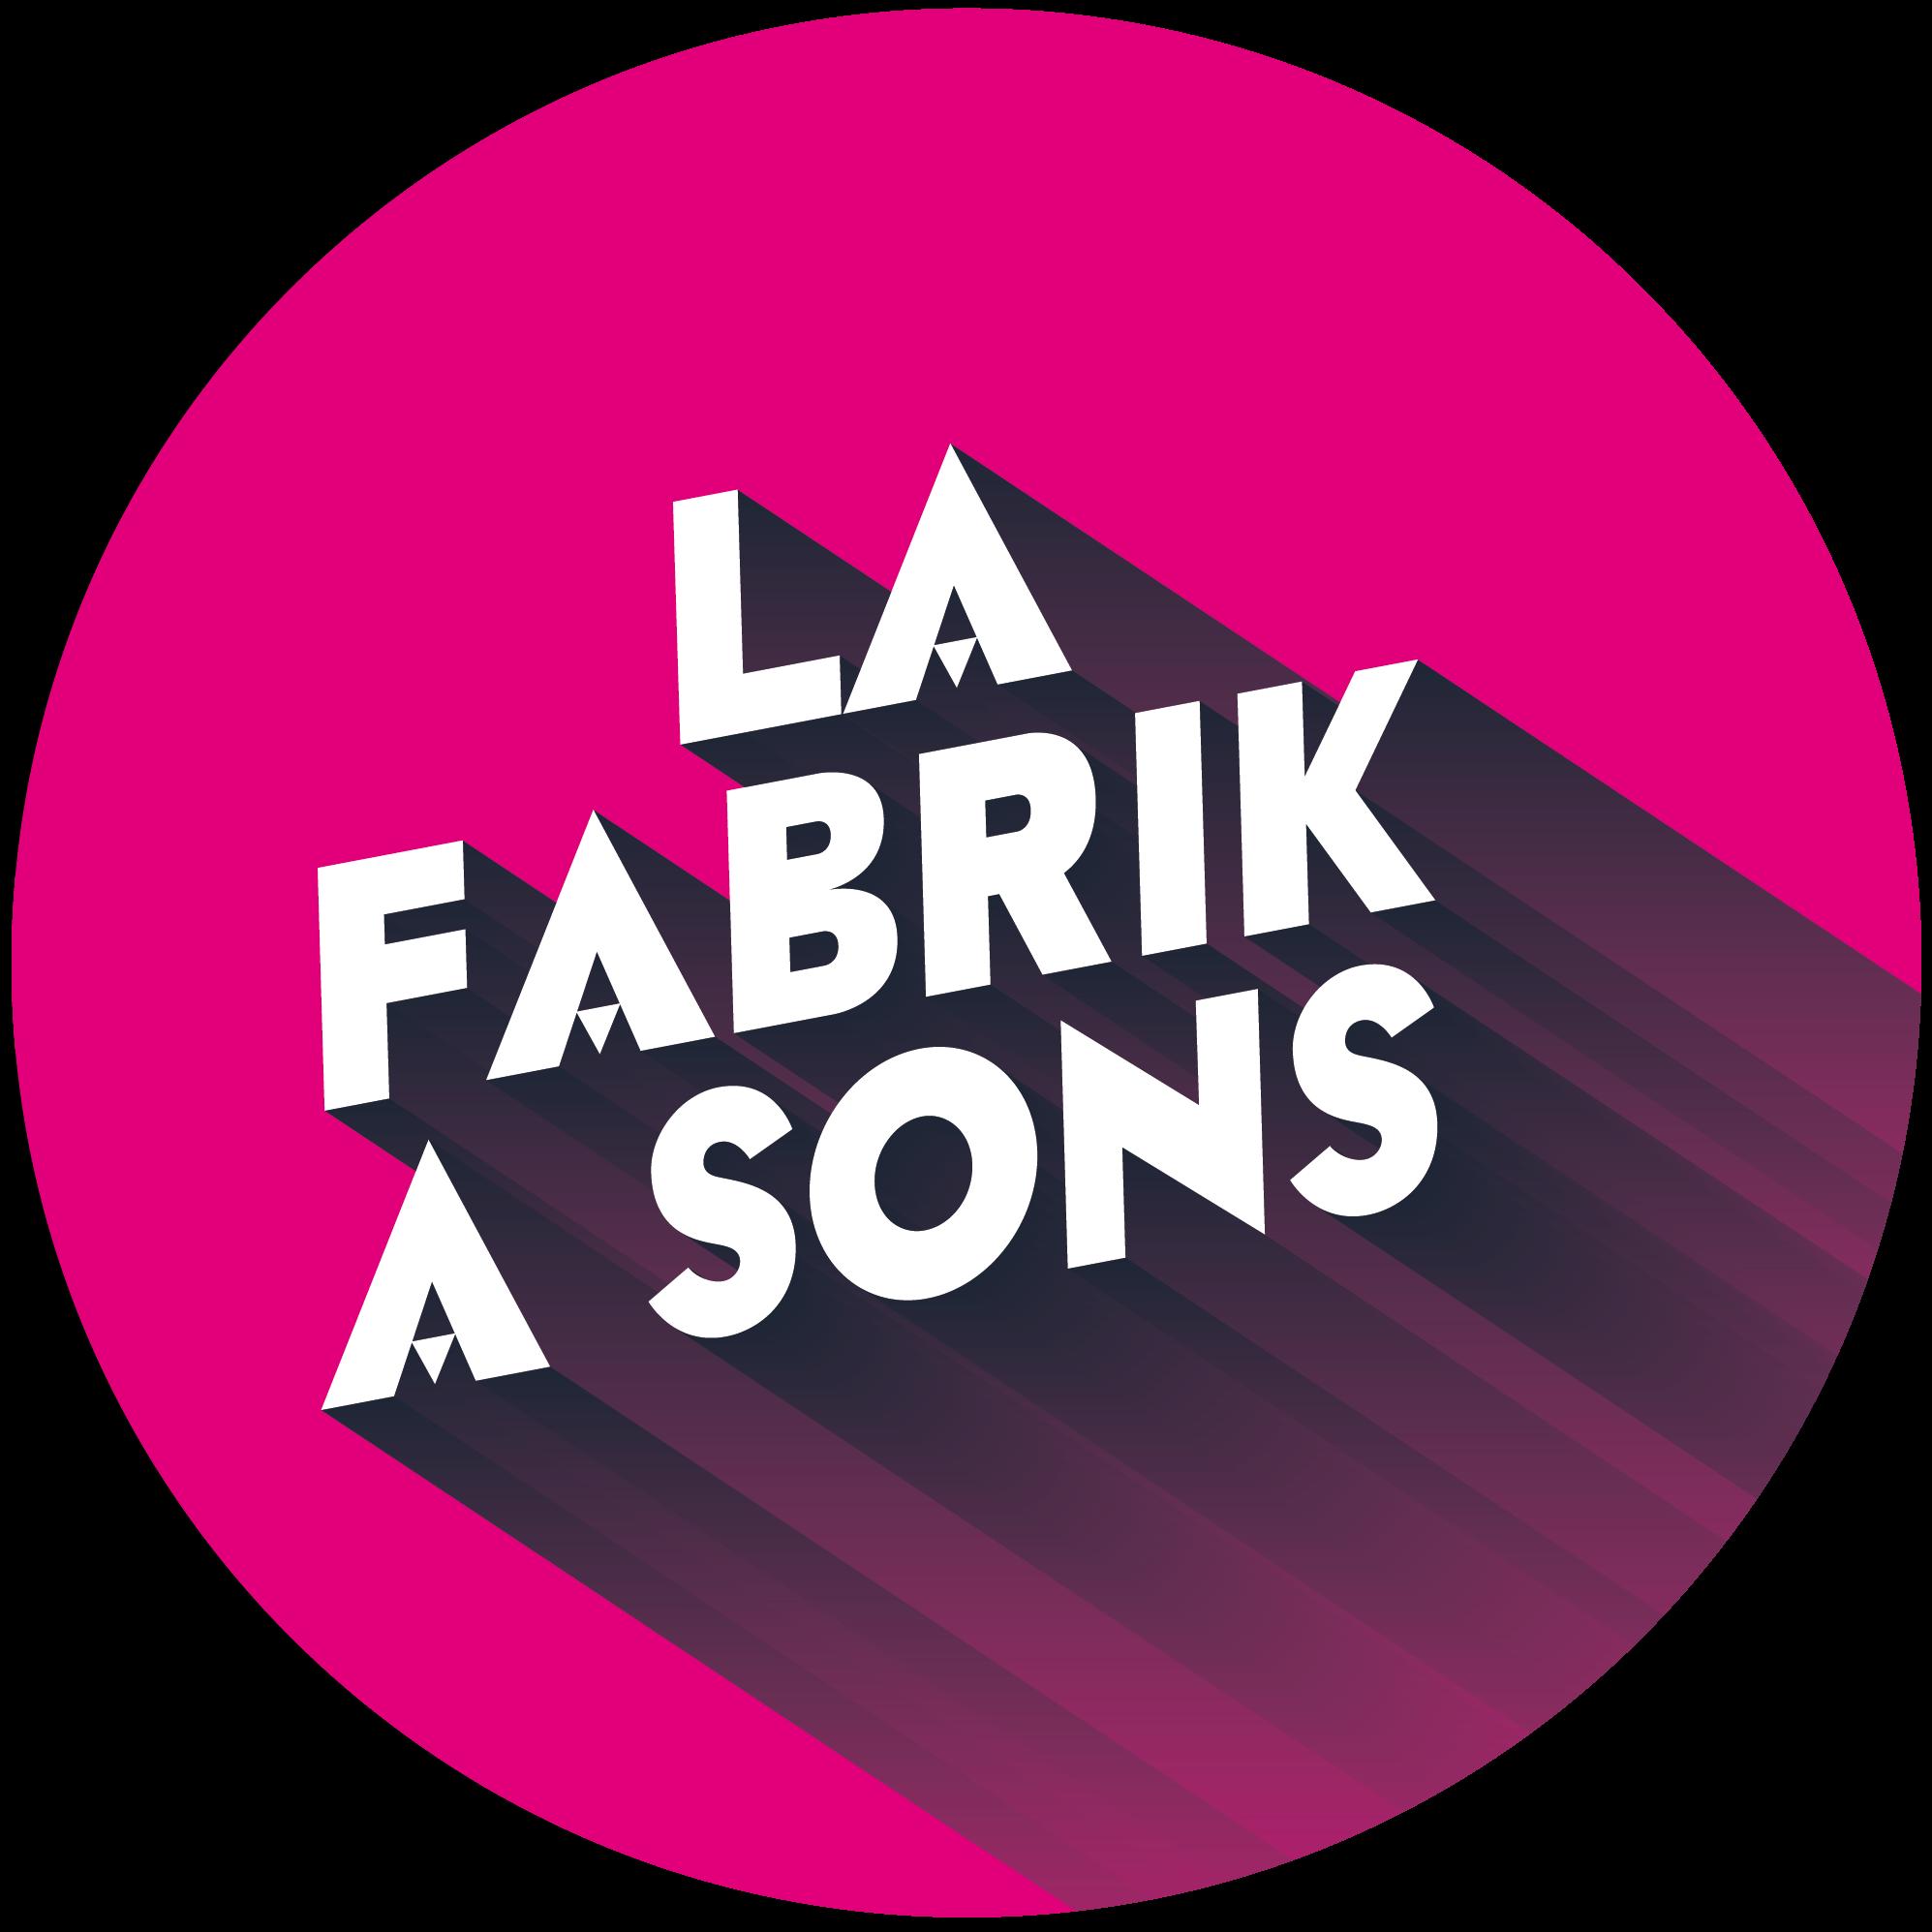 La Fabrik à Sons